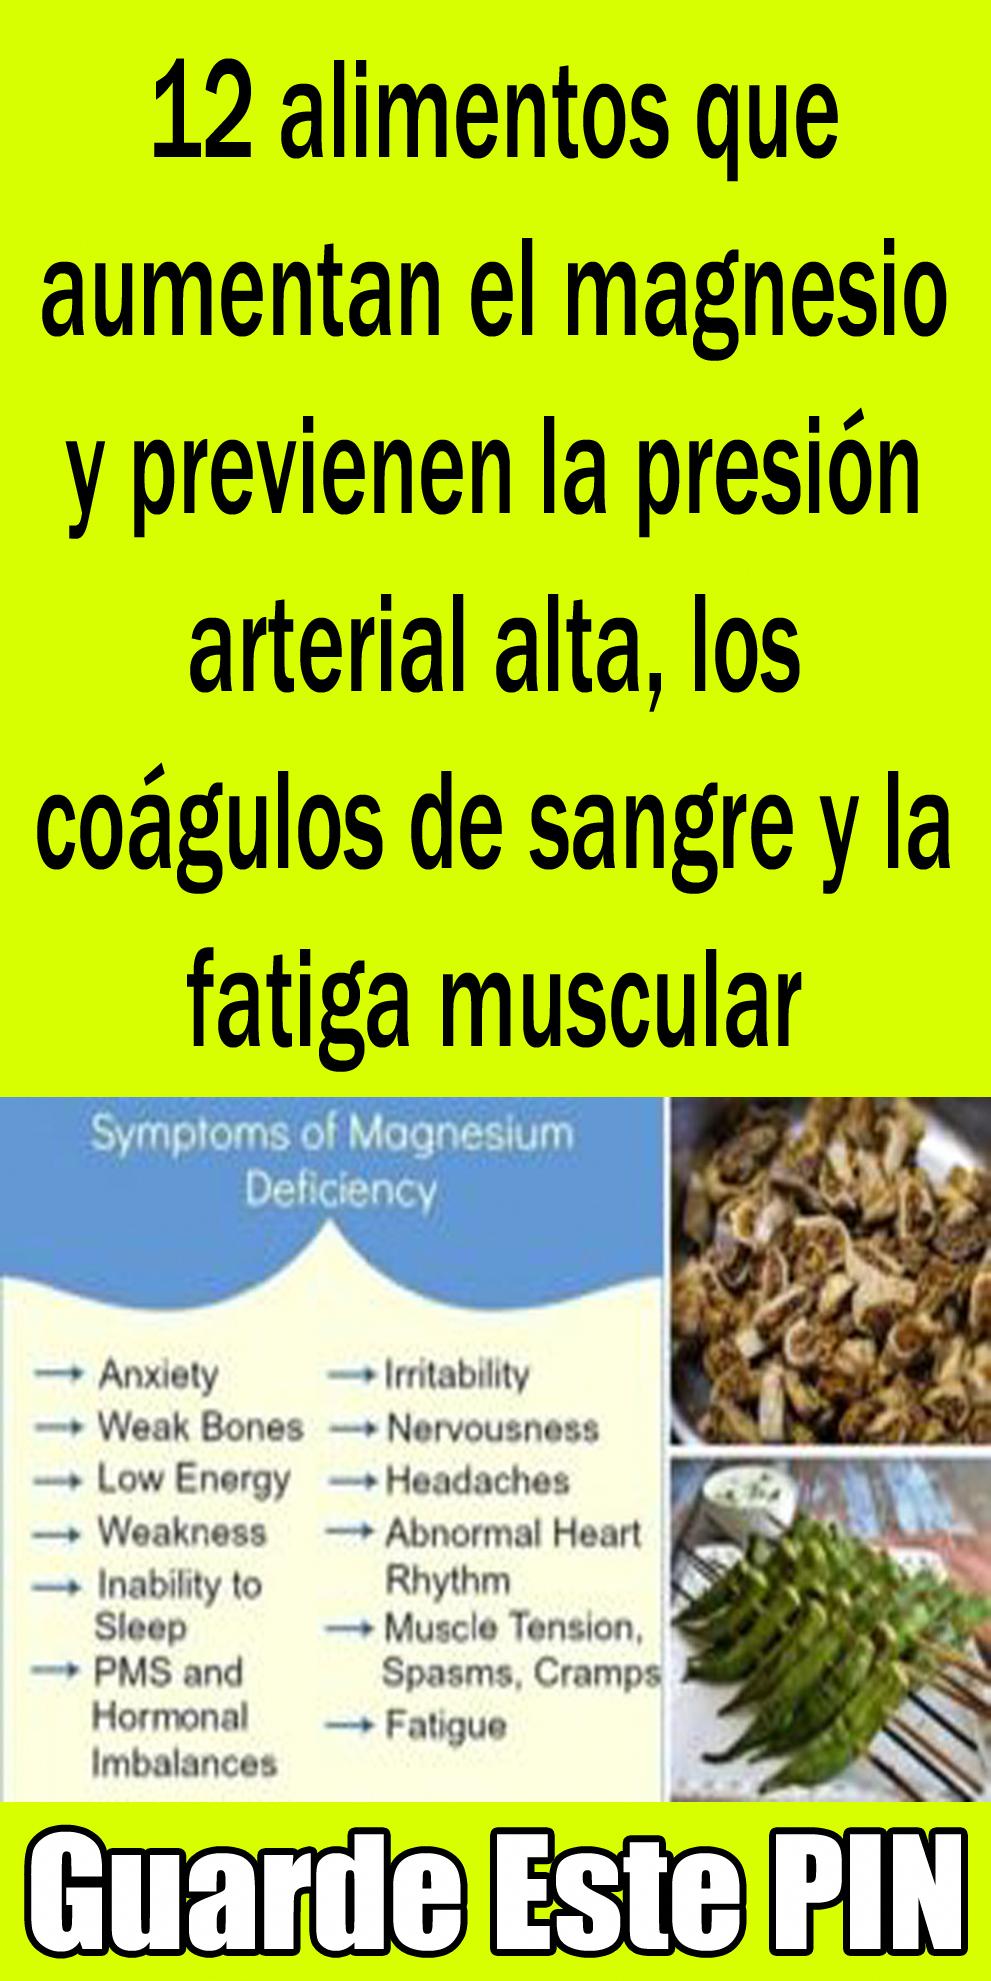 Presión arterial alta dolor en las articulaciones fatiga